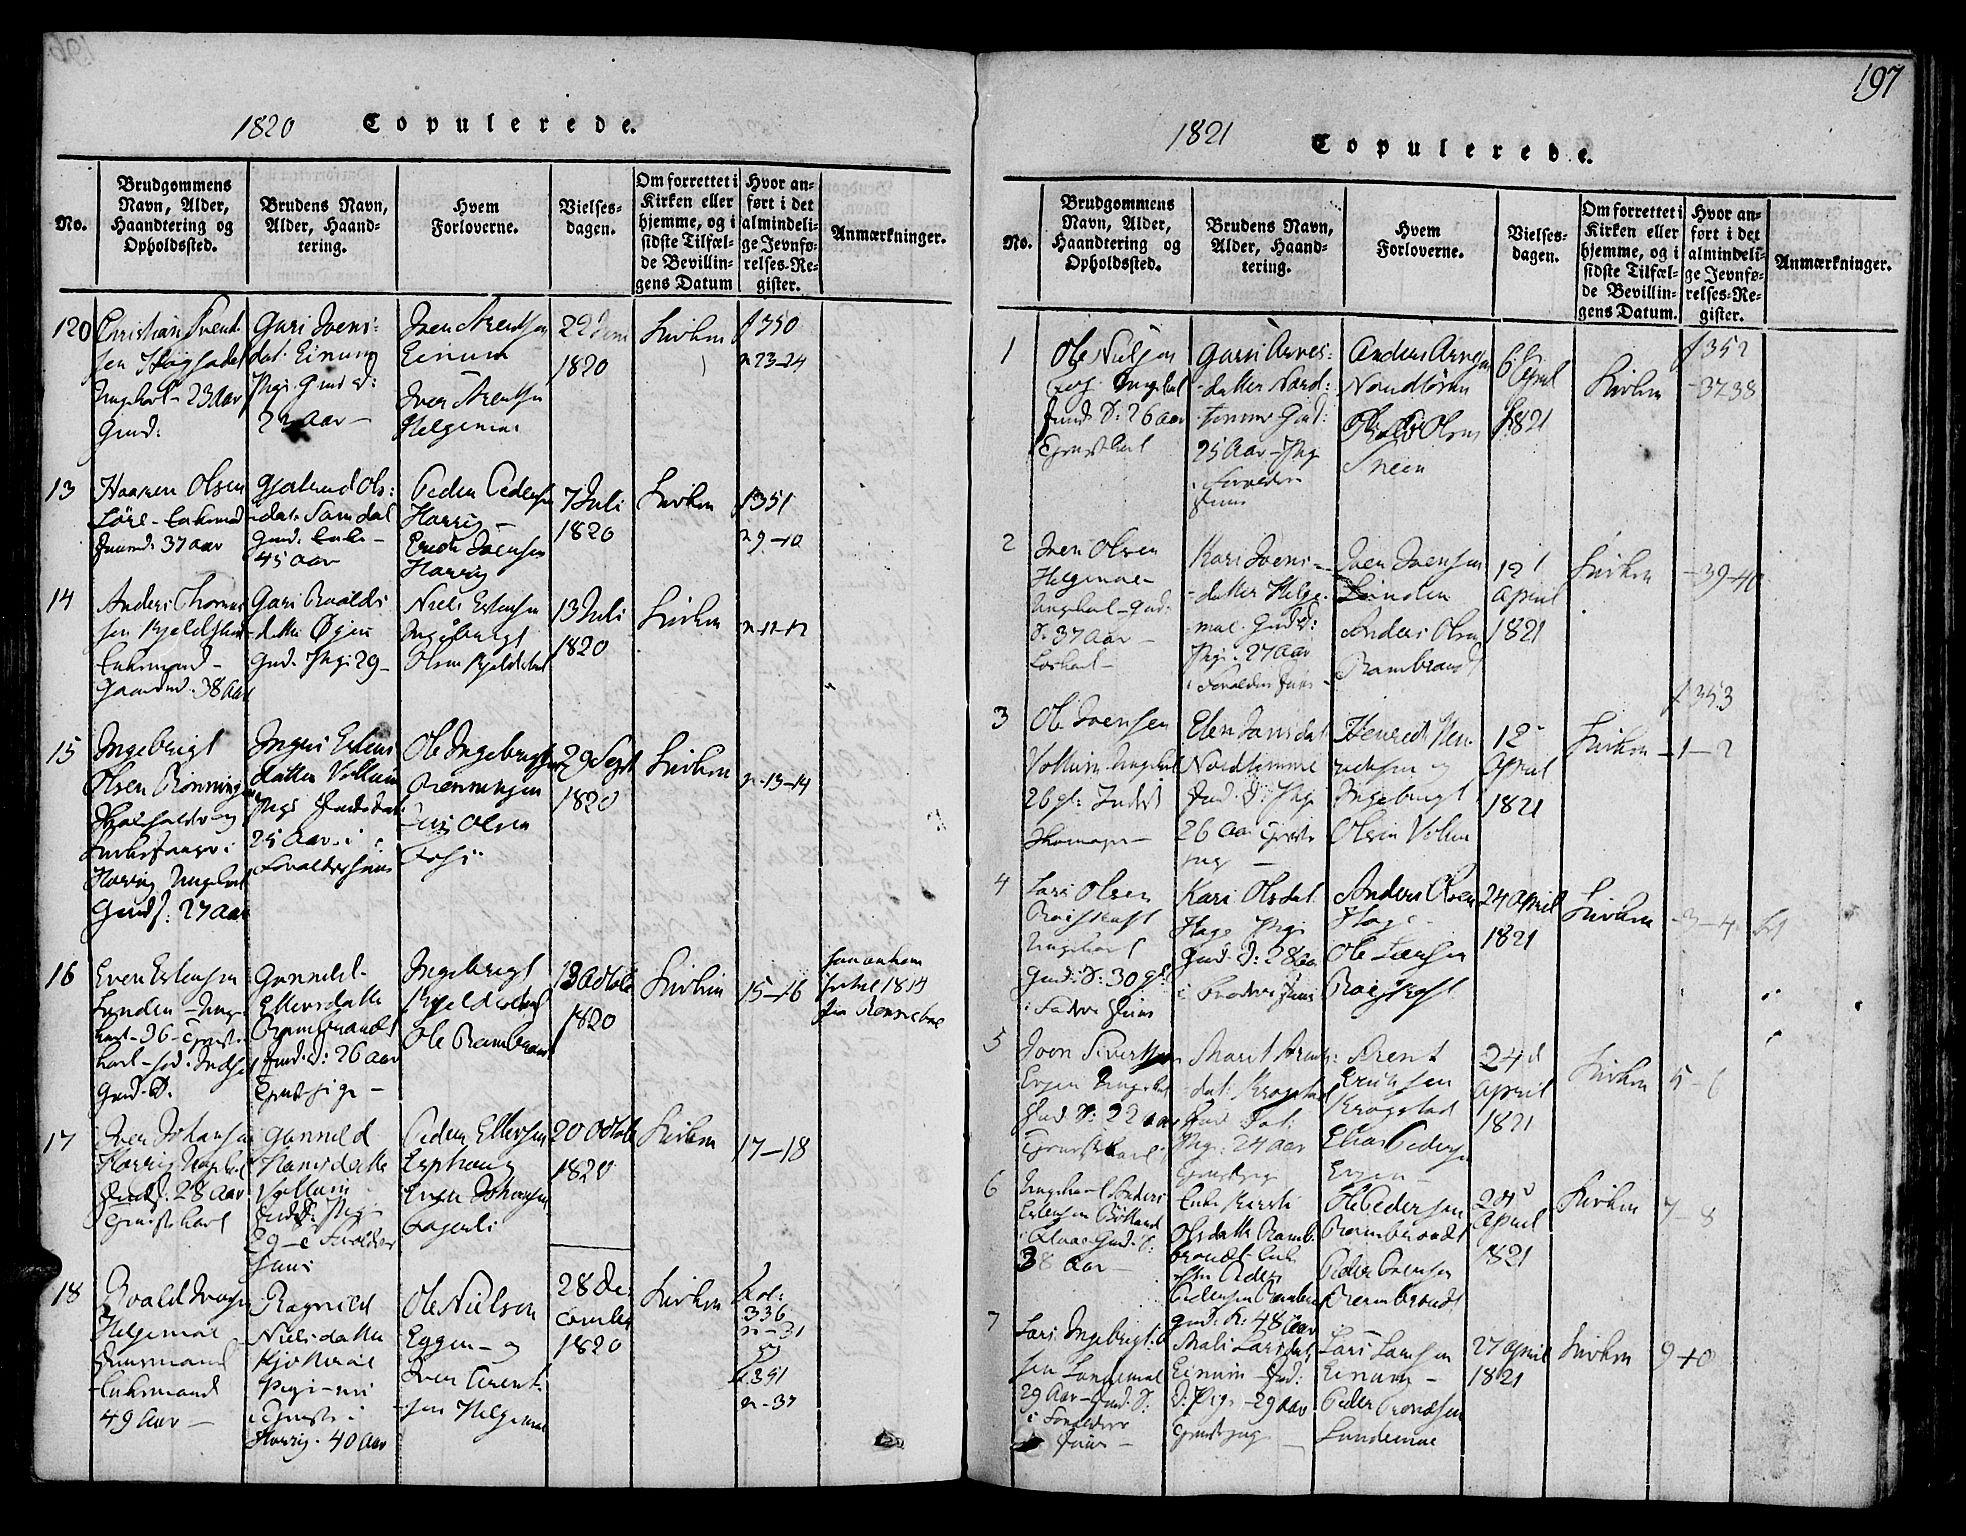 SAT, Ministerialprotokoller, klokkerbøker og fødselsregistre - Sør-Trøndelag, 692/L1102: Ministerialbok nr. 692A02, 1816-1842, s. 197